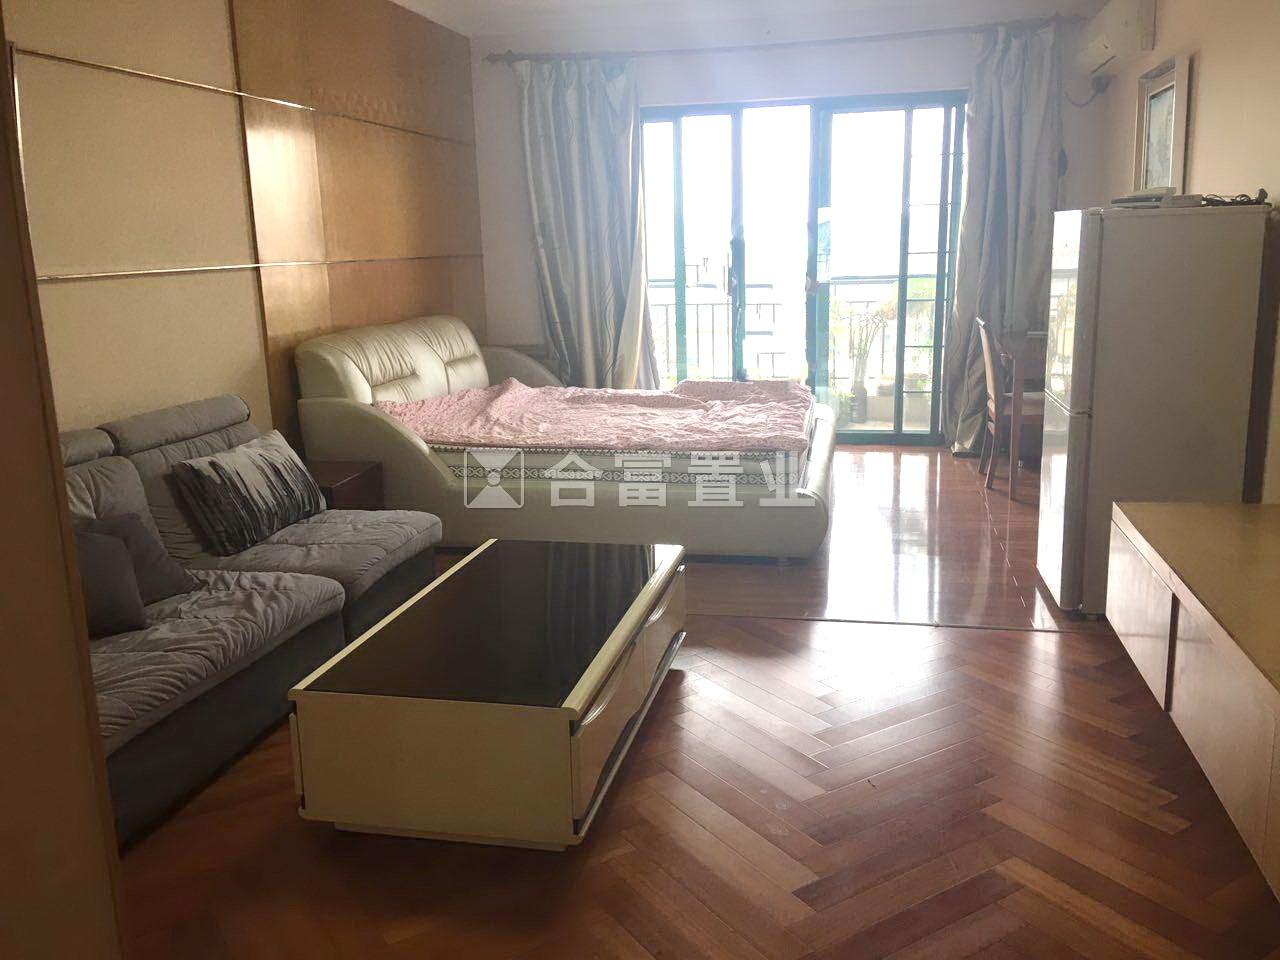 星河湾公寓 低于市场价 小区景观 保养好